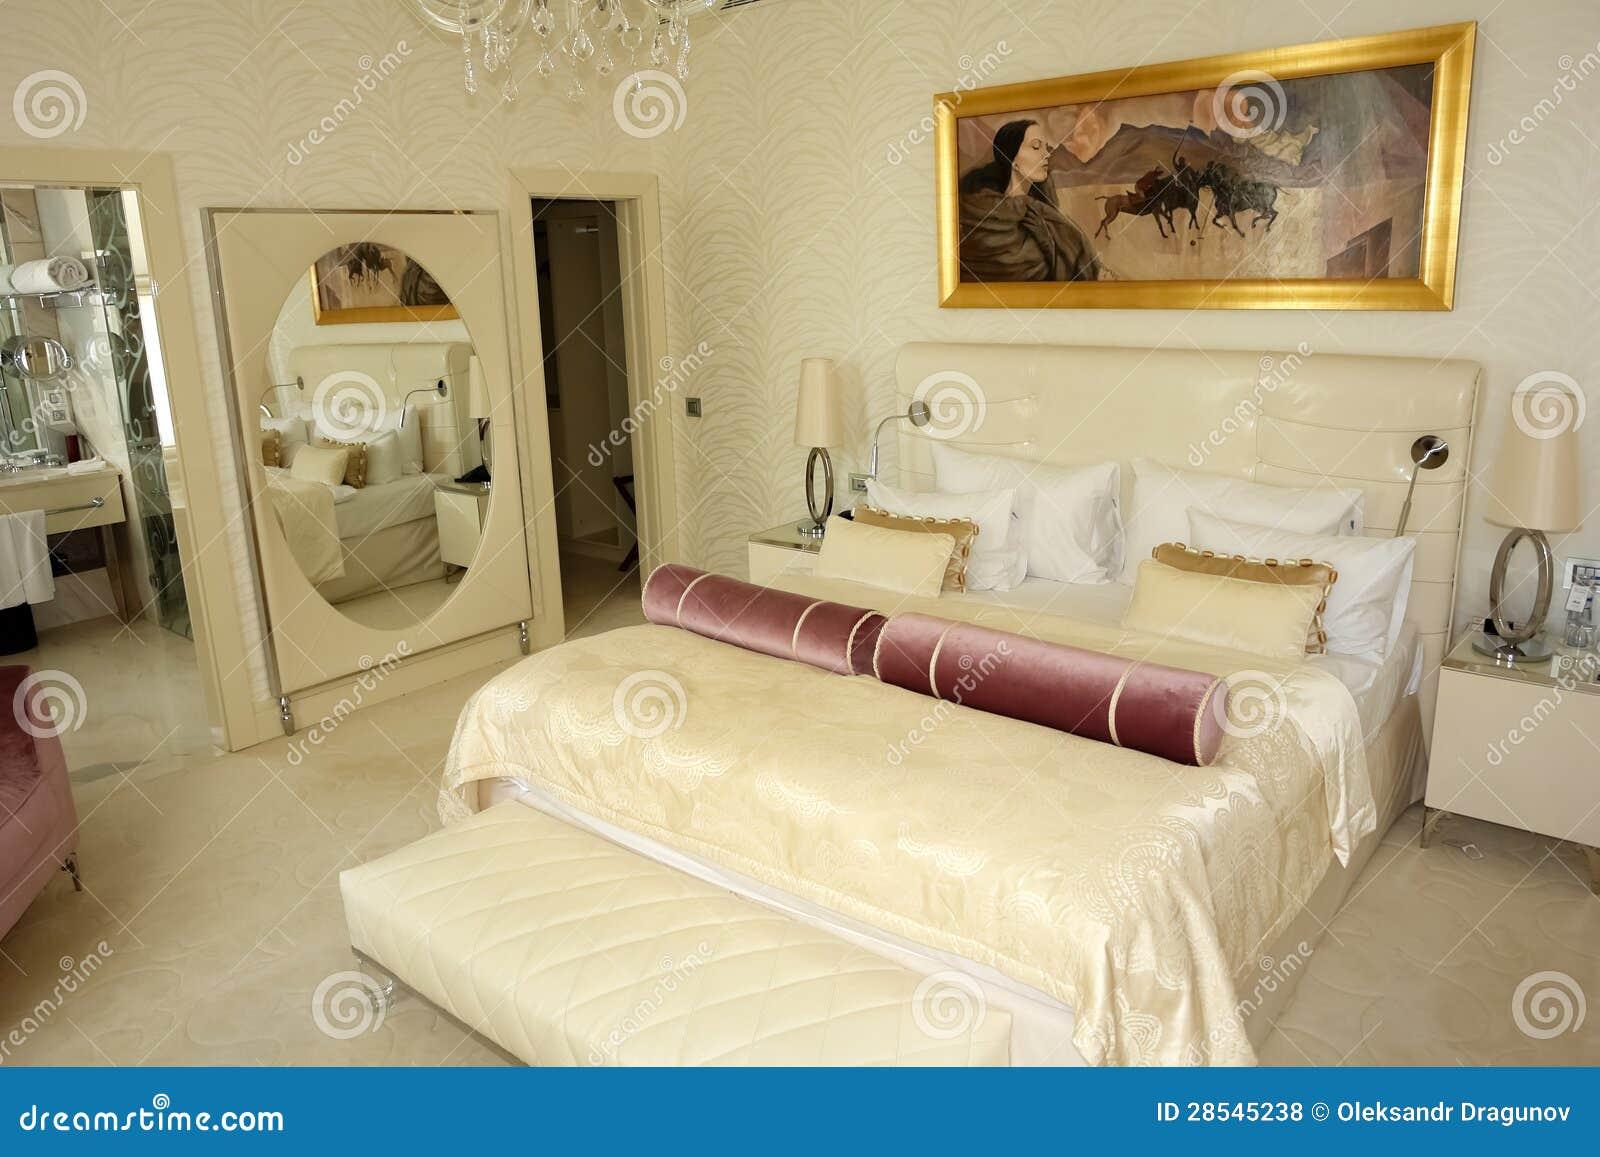 Het binnenland van slaapkamers met beeld.